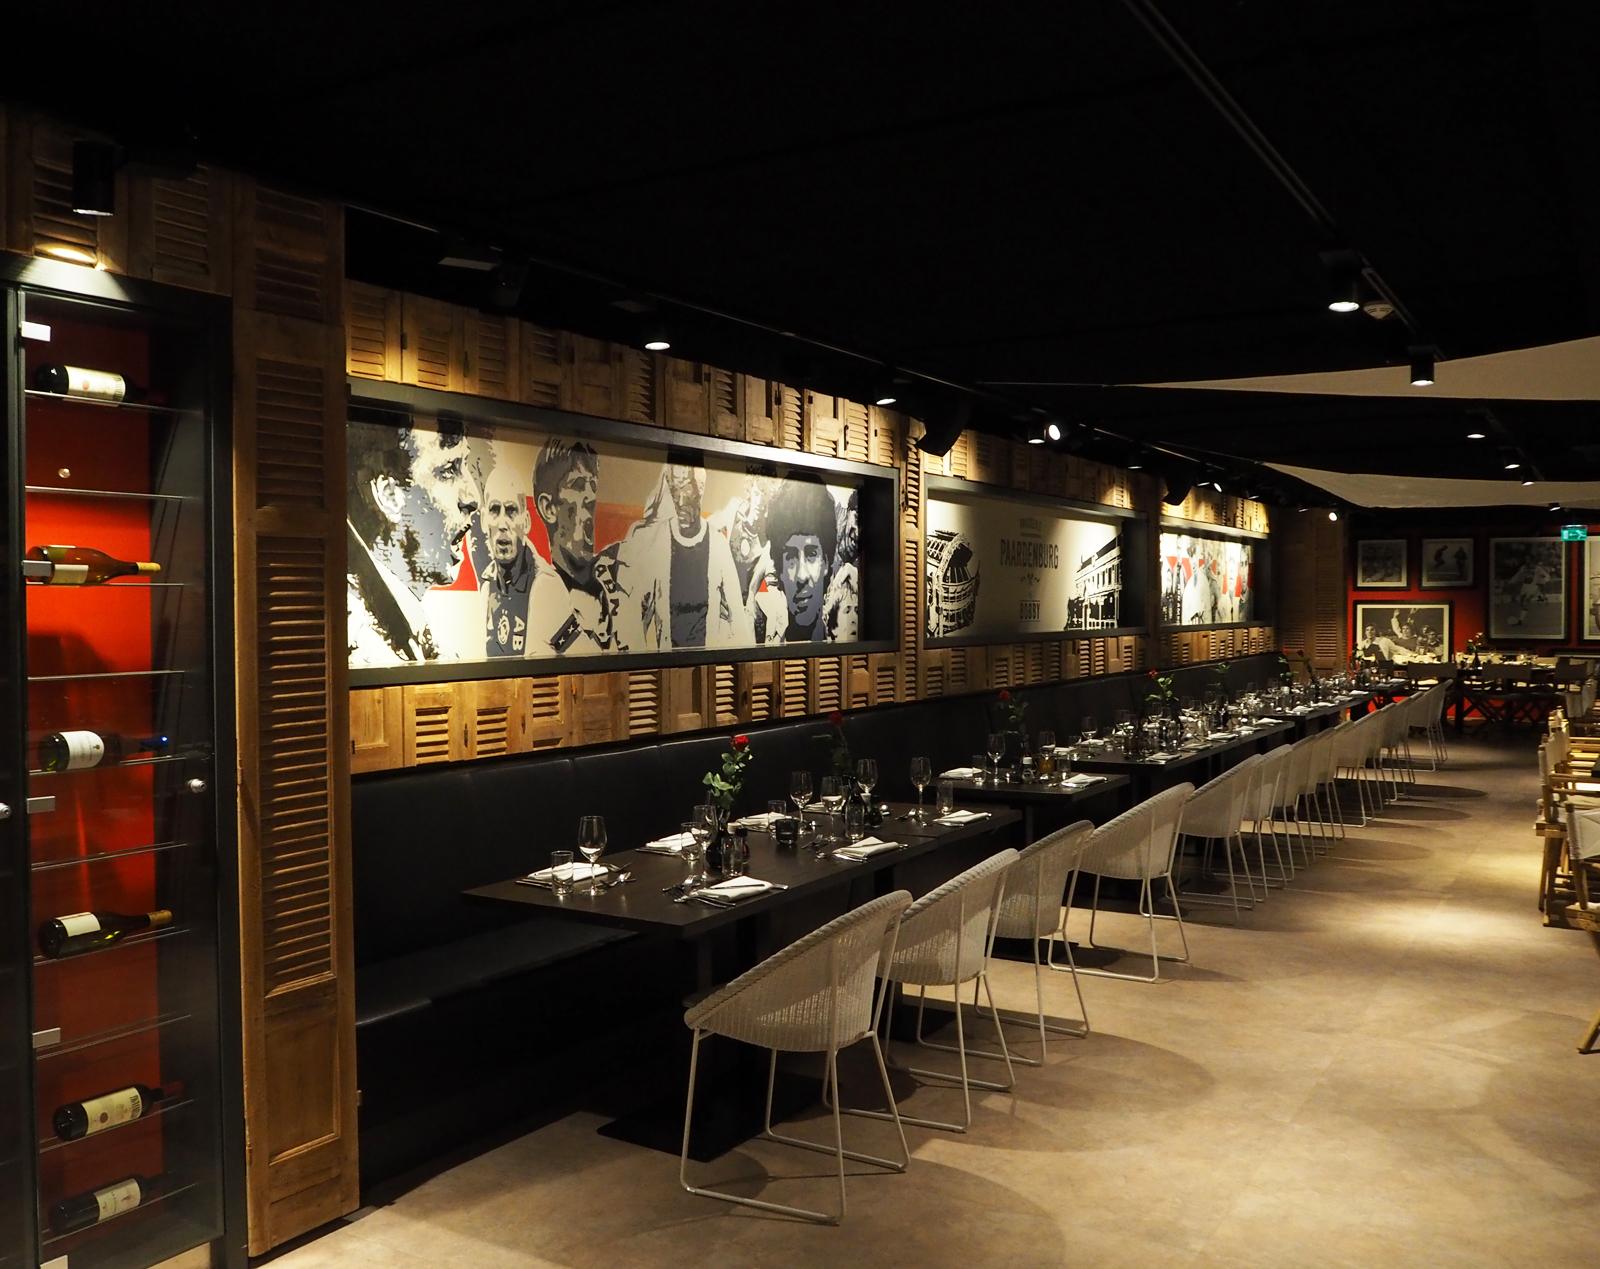 Paardenburg restaurant, Jaap Stam, Litmanen, Edwin van der Sar, Ajax Amsterdam Arena, skybox stadion, by Jeroen de Nijs